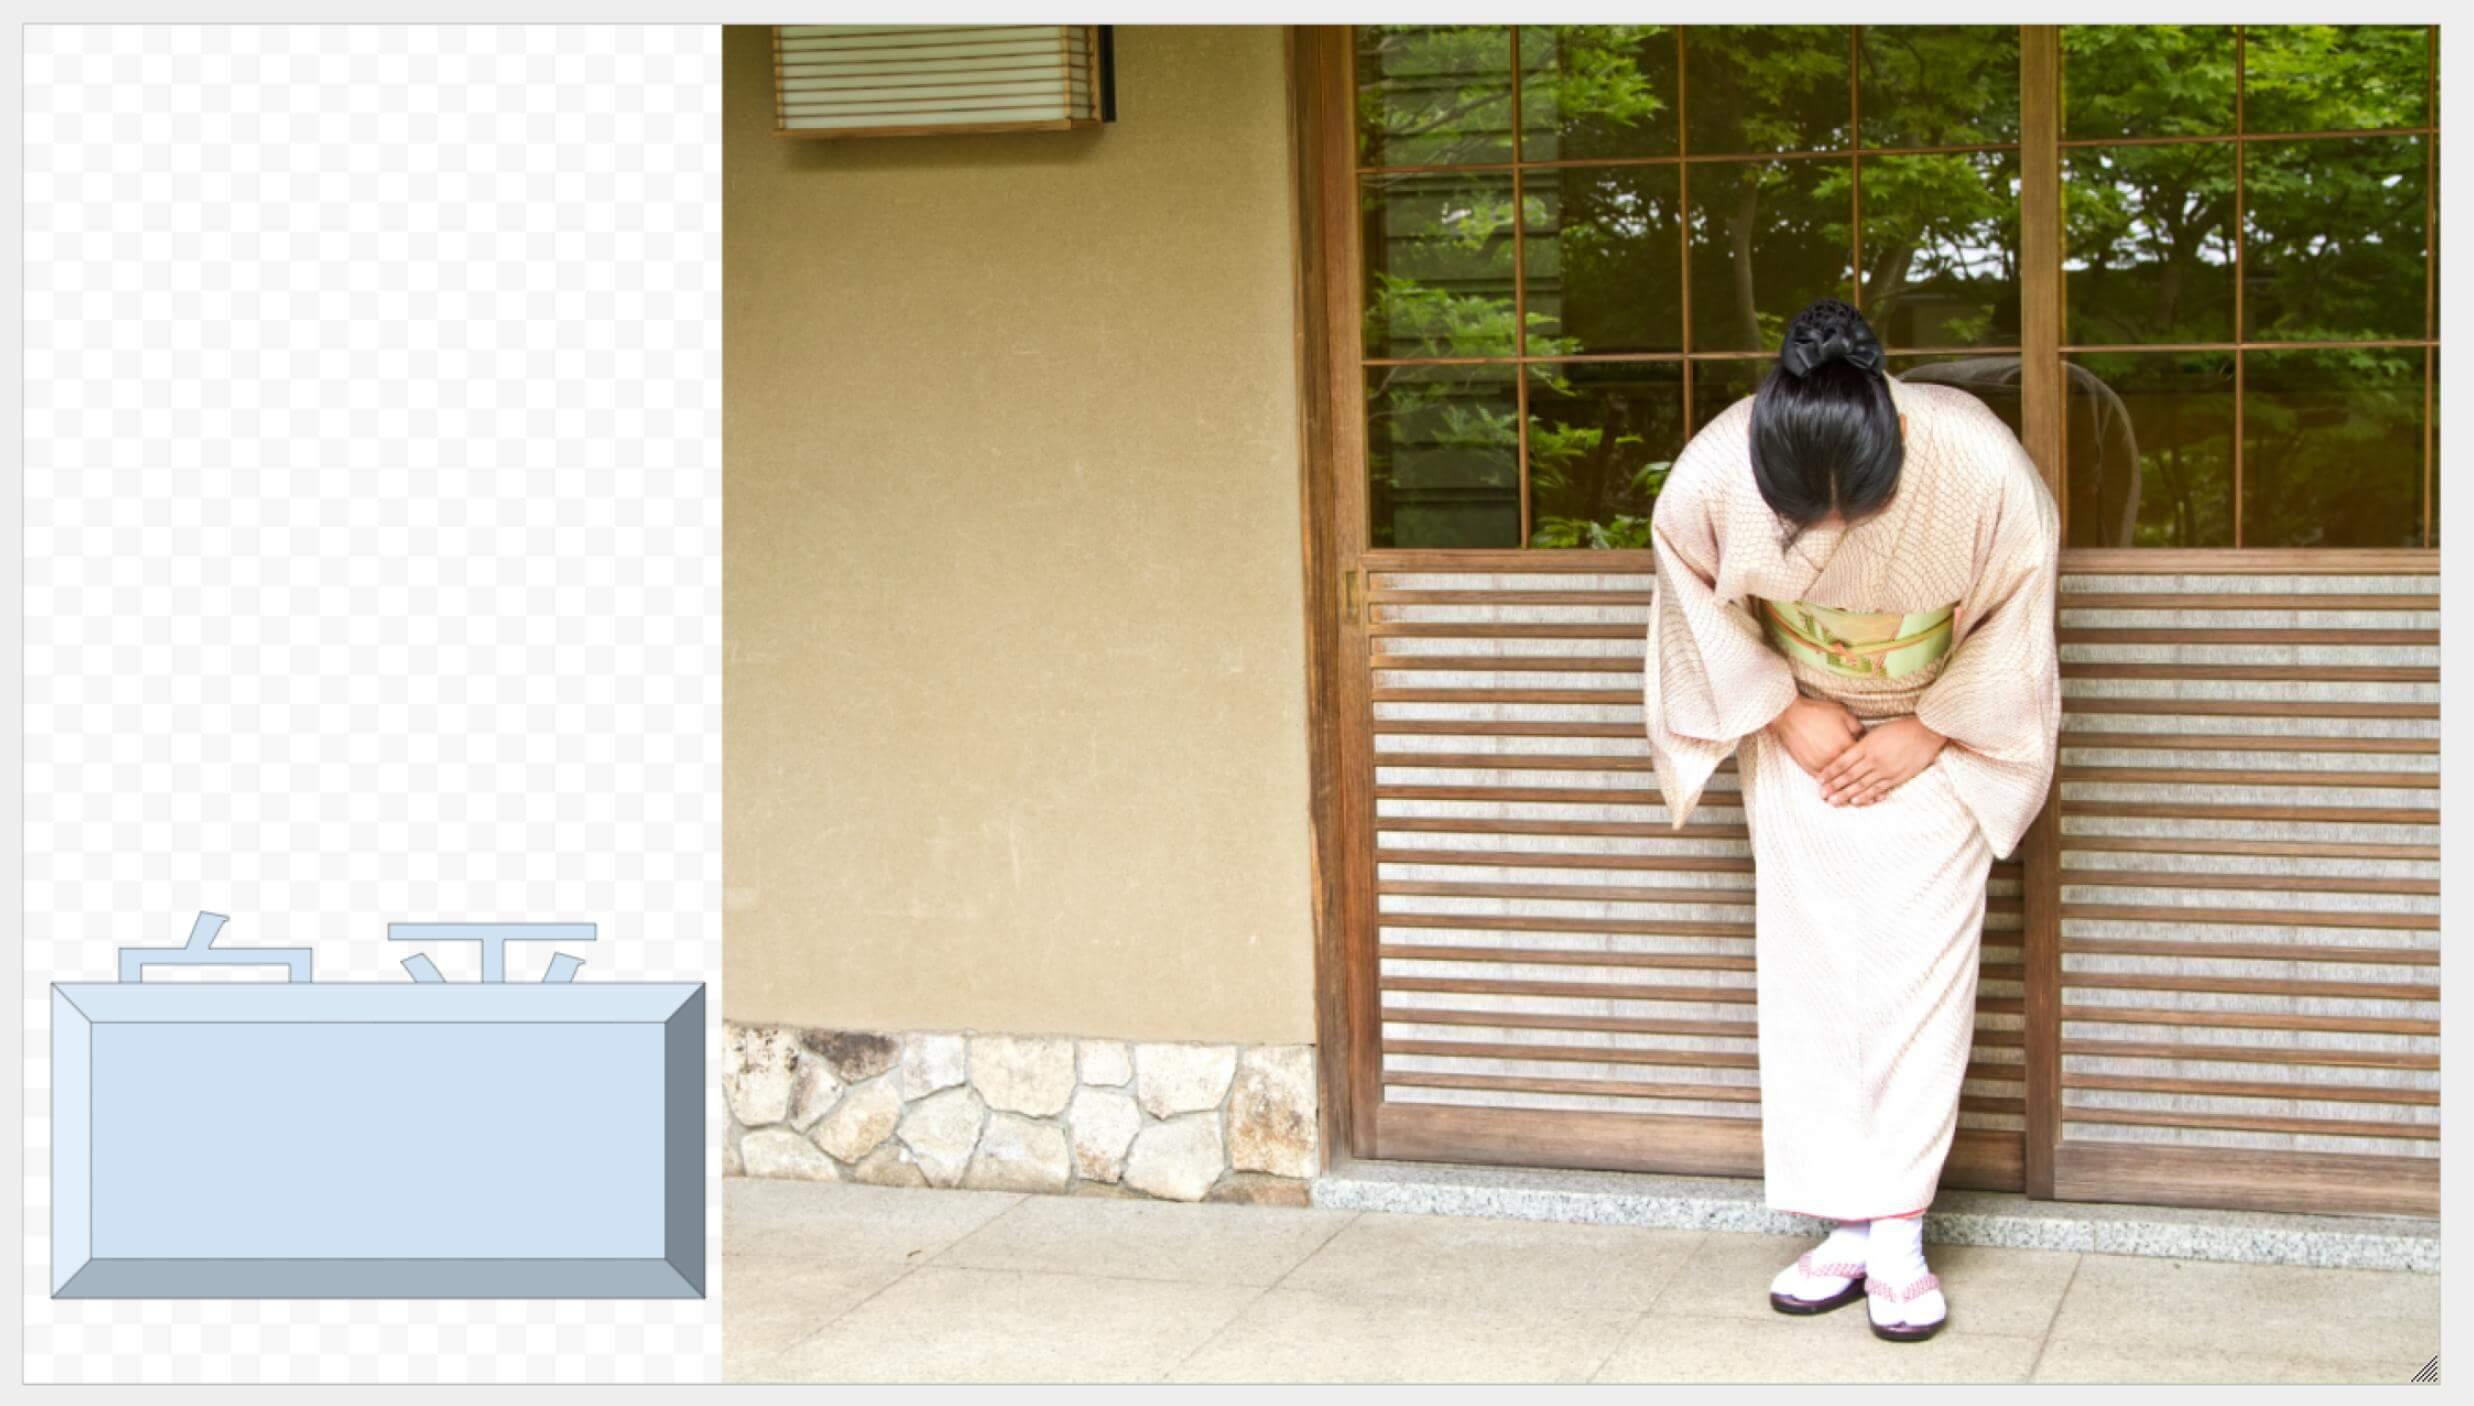 Google図形描画 玄関先で出迎える女将とベベルに隠れる白平